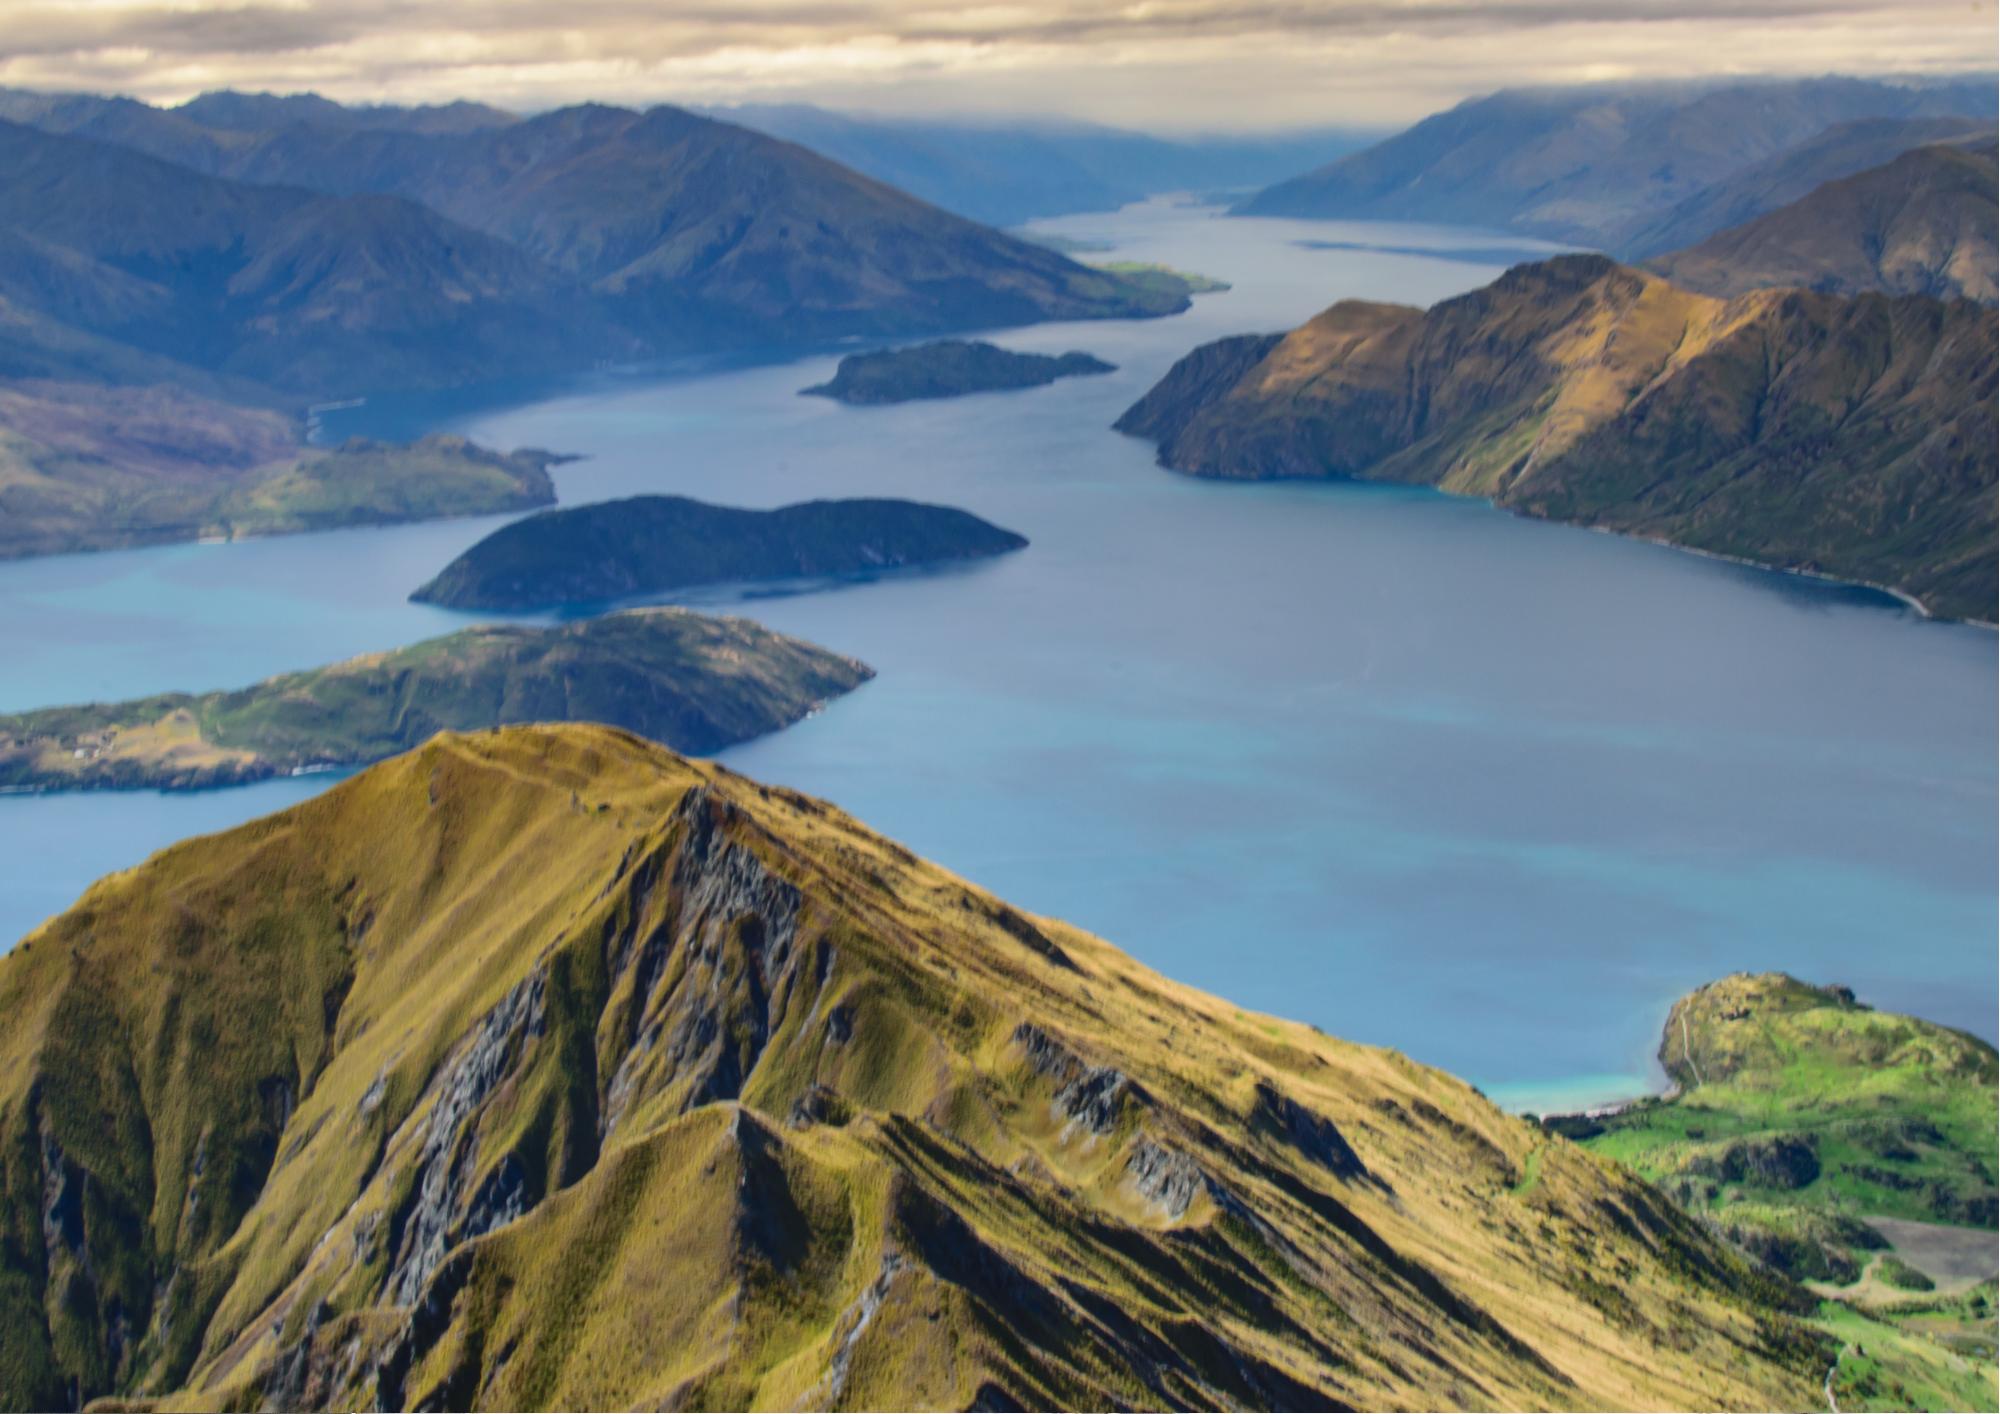 Udsigt over flod med bjerge i New Zealand